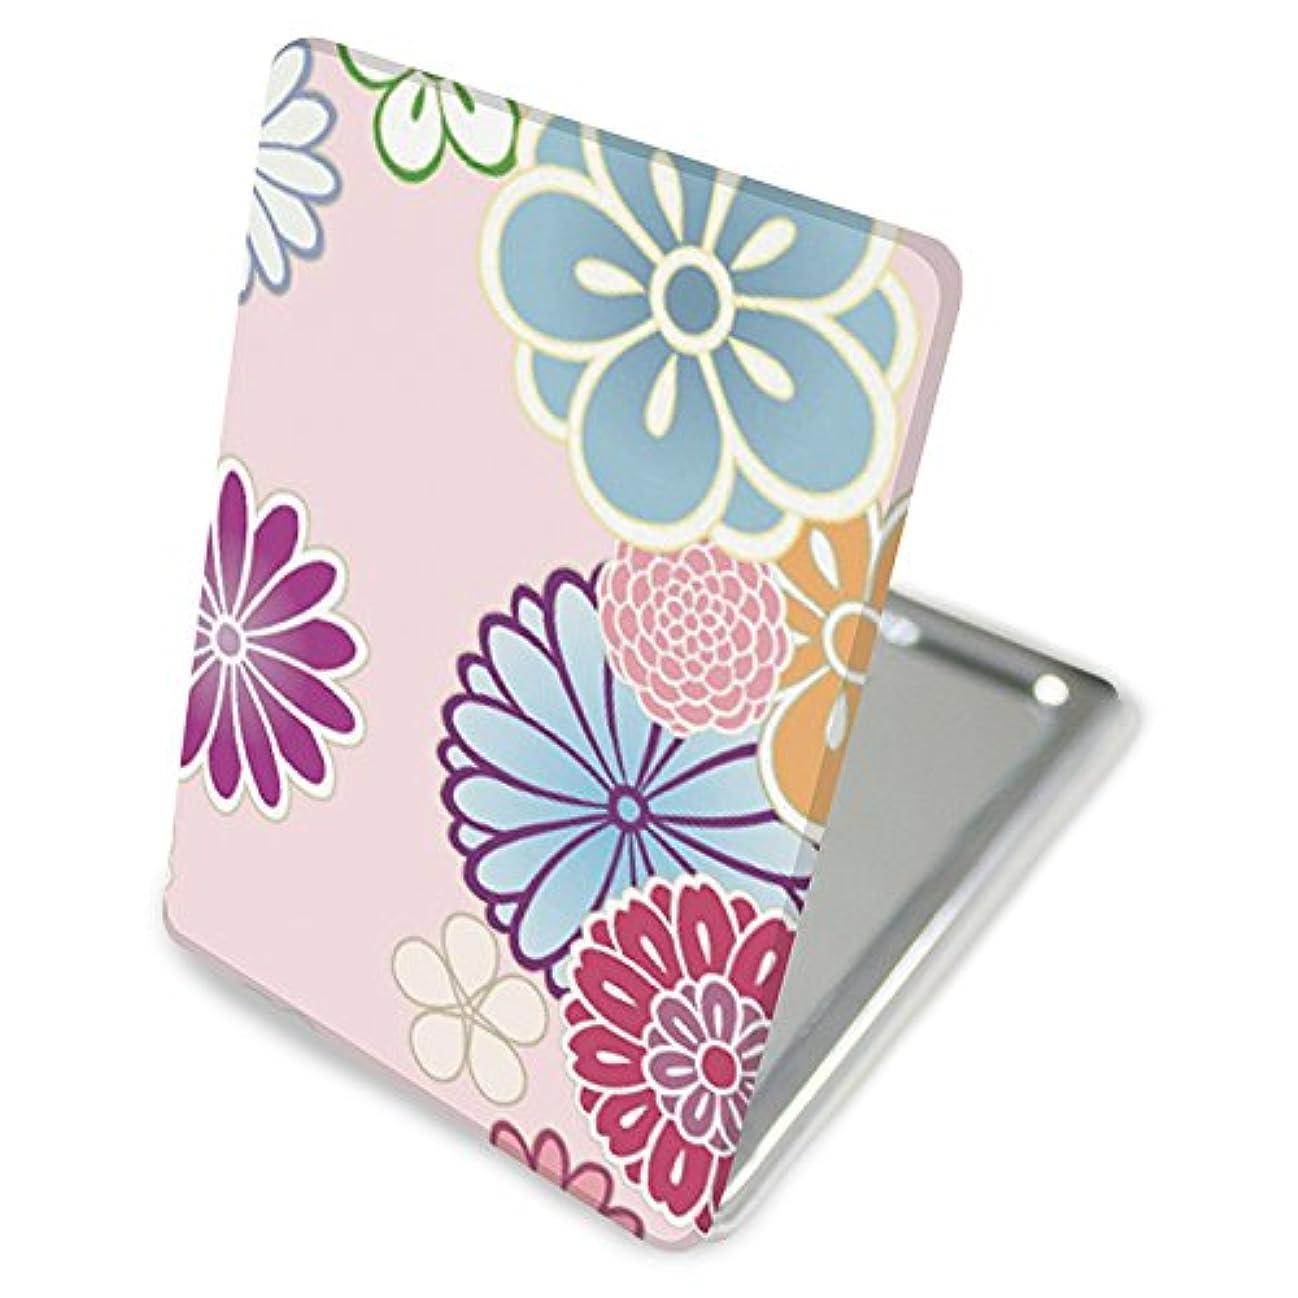 持ってる既婚アクロバット(カリーナ) Carine 手鏡 コンパクトミラー ハンドミラー 拡大鏡付 持ち歩きに便利 かわいい kgm014(A) 花柄 フラワー デザイン 和柄 和風 和花